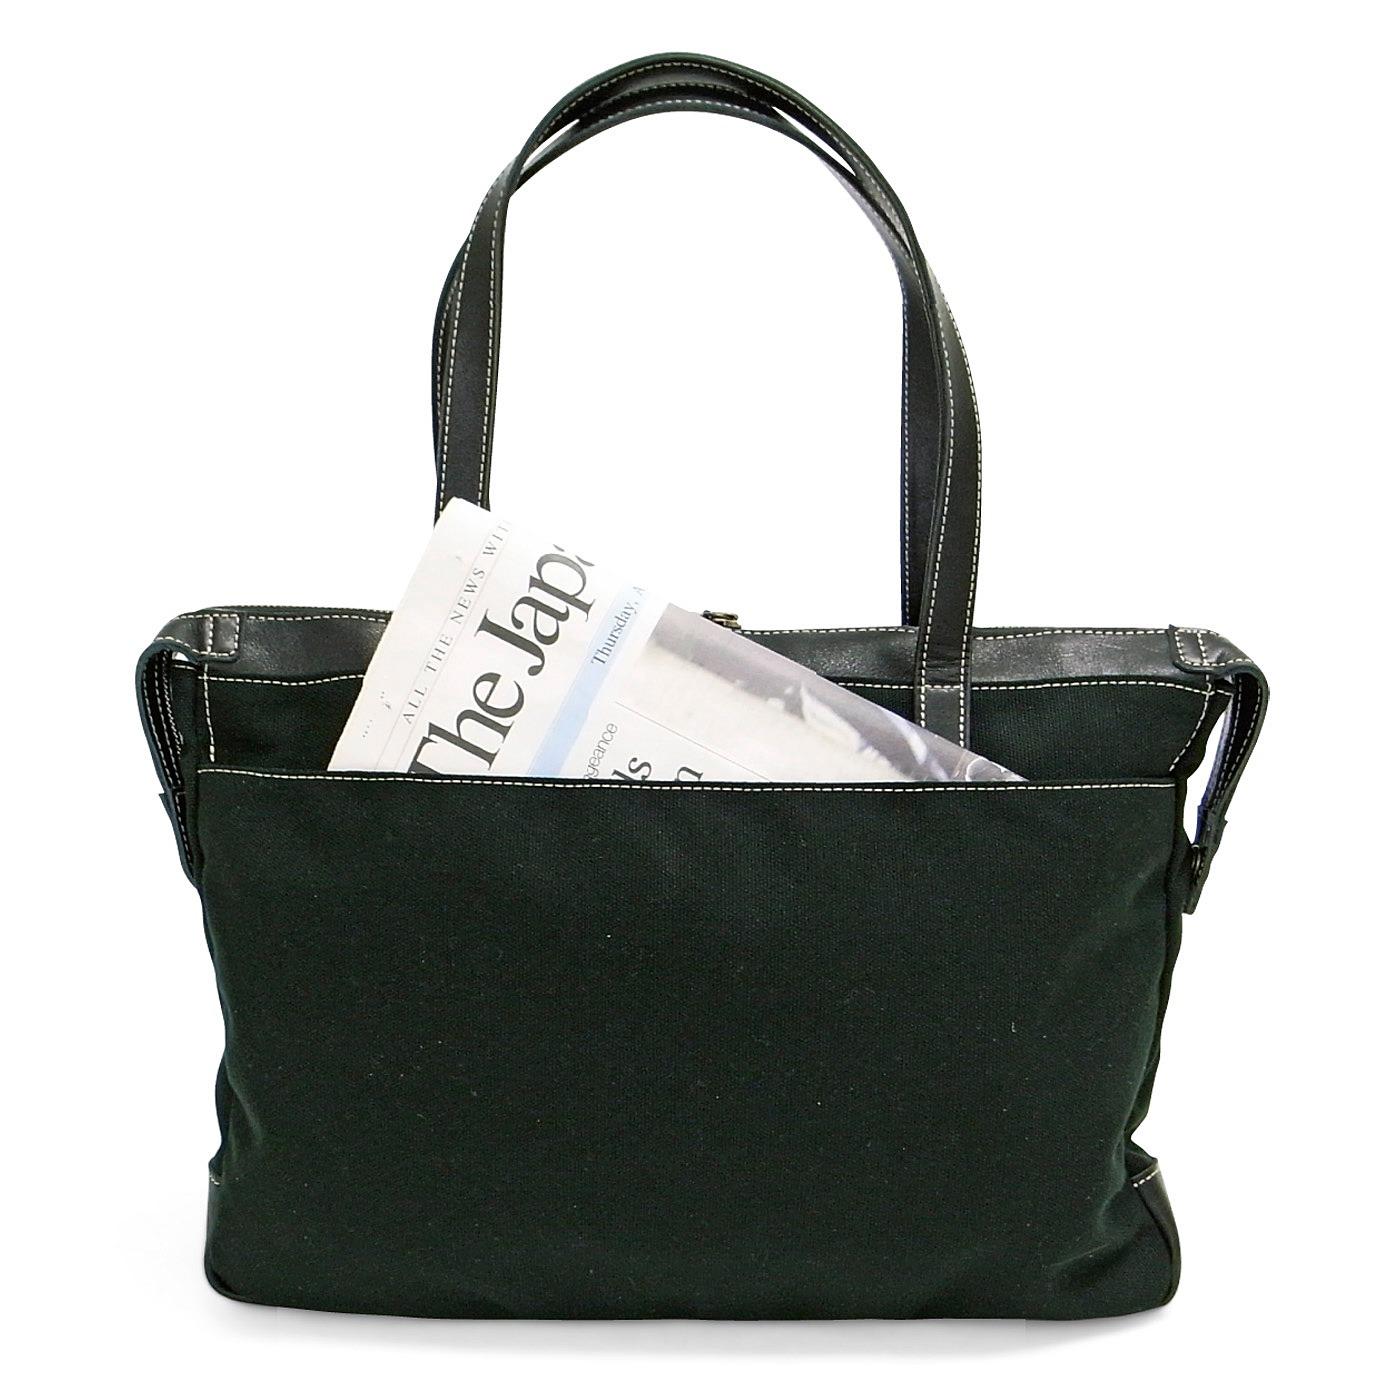 バッグの後ろ側には、マグネット式ワイドポケット付き。